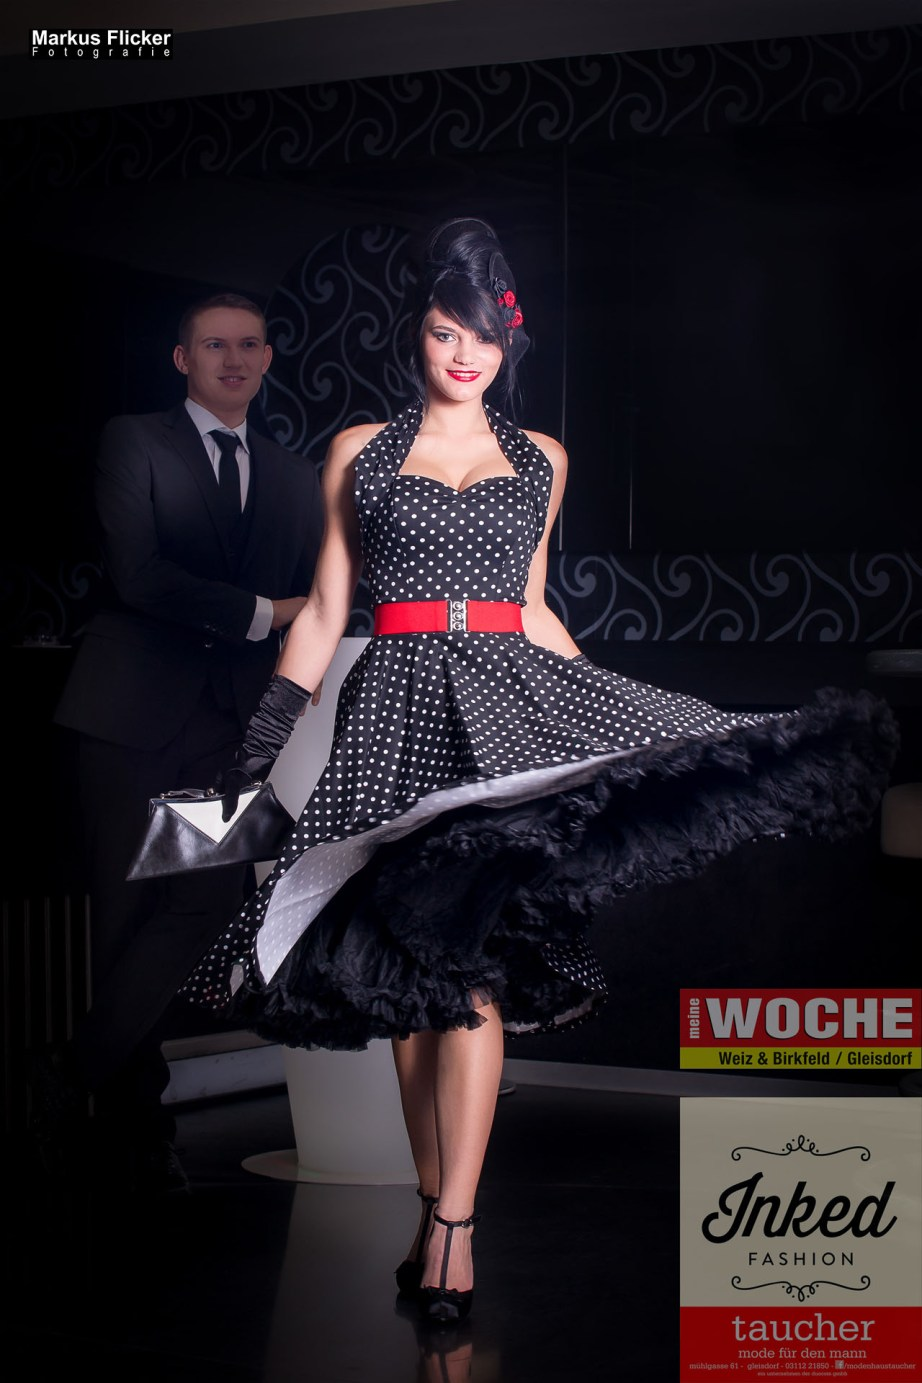 Model dir dein Outfit Woche Weiz Gleisdorf Inked Fashion Taucher Mode für den Mann